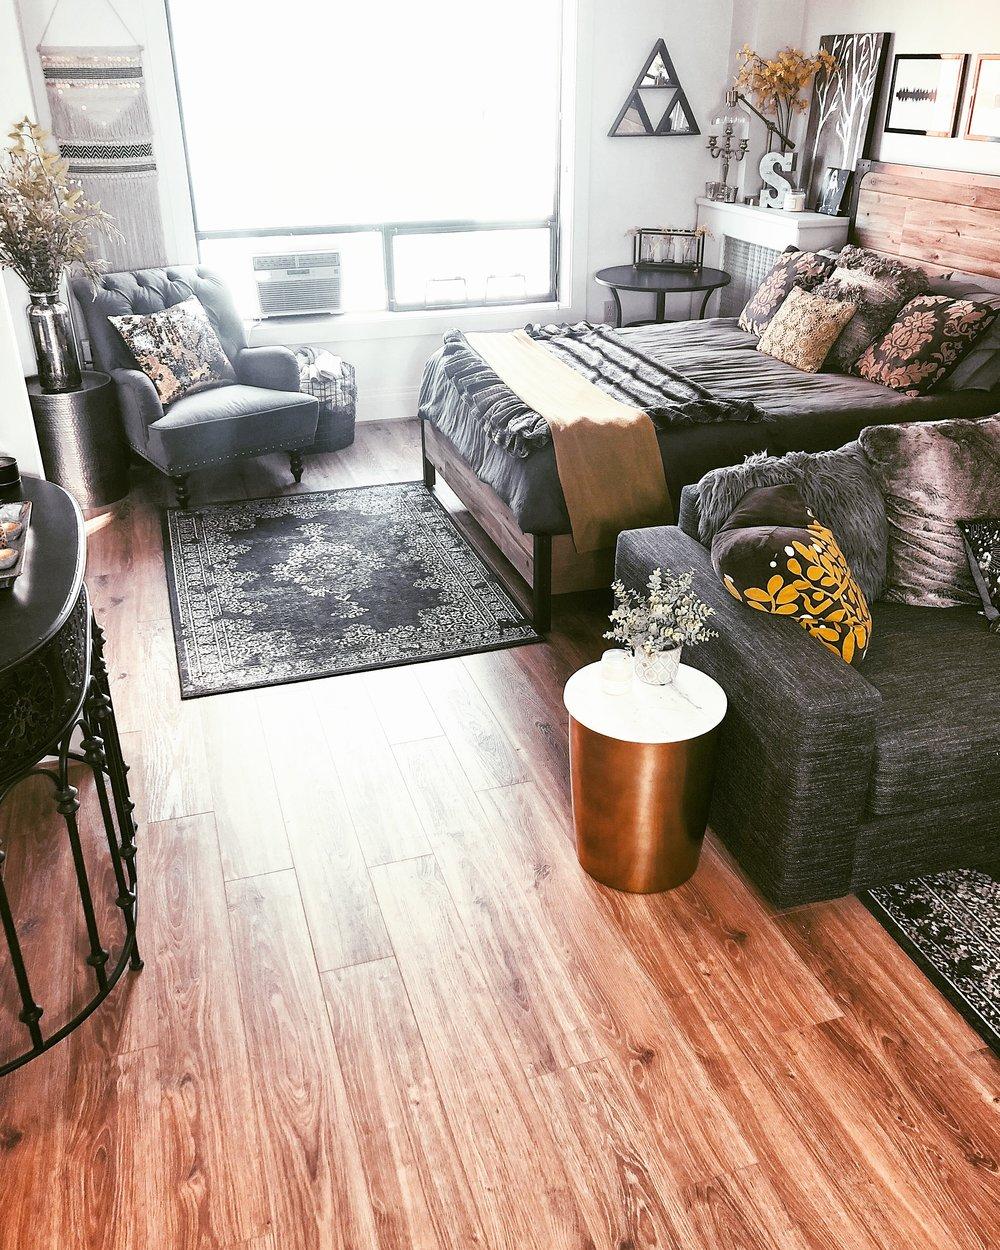 studio apartment decor.jpg